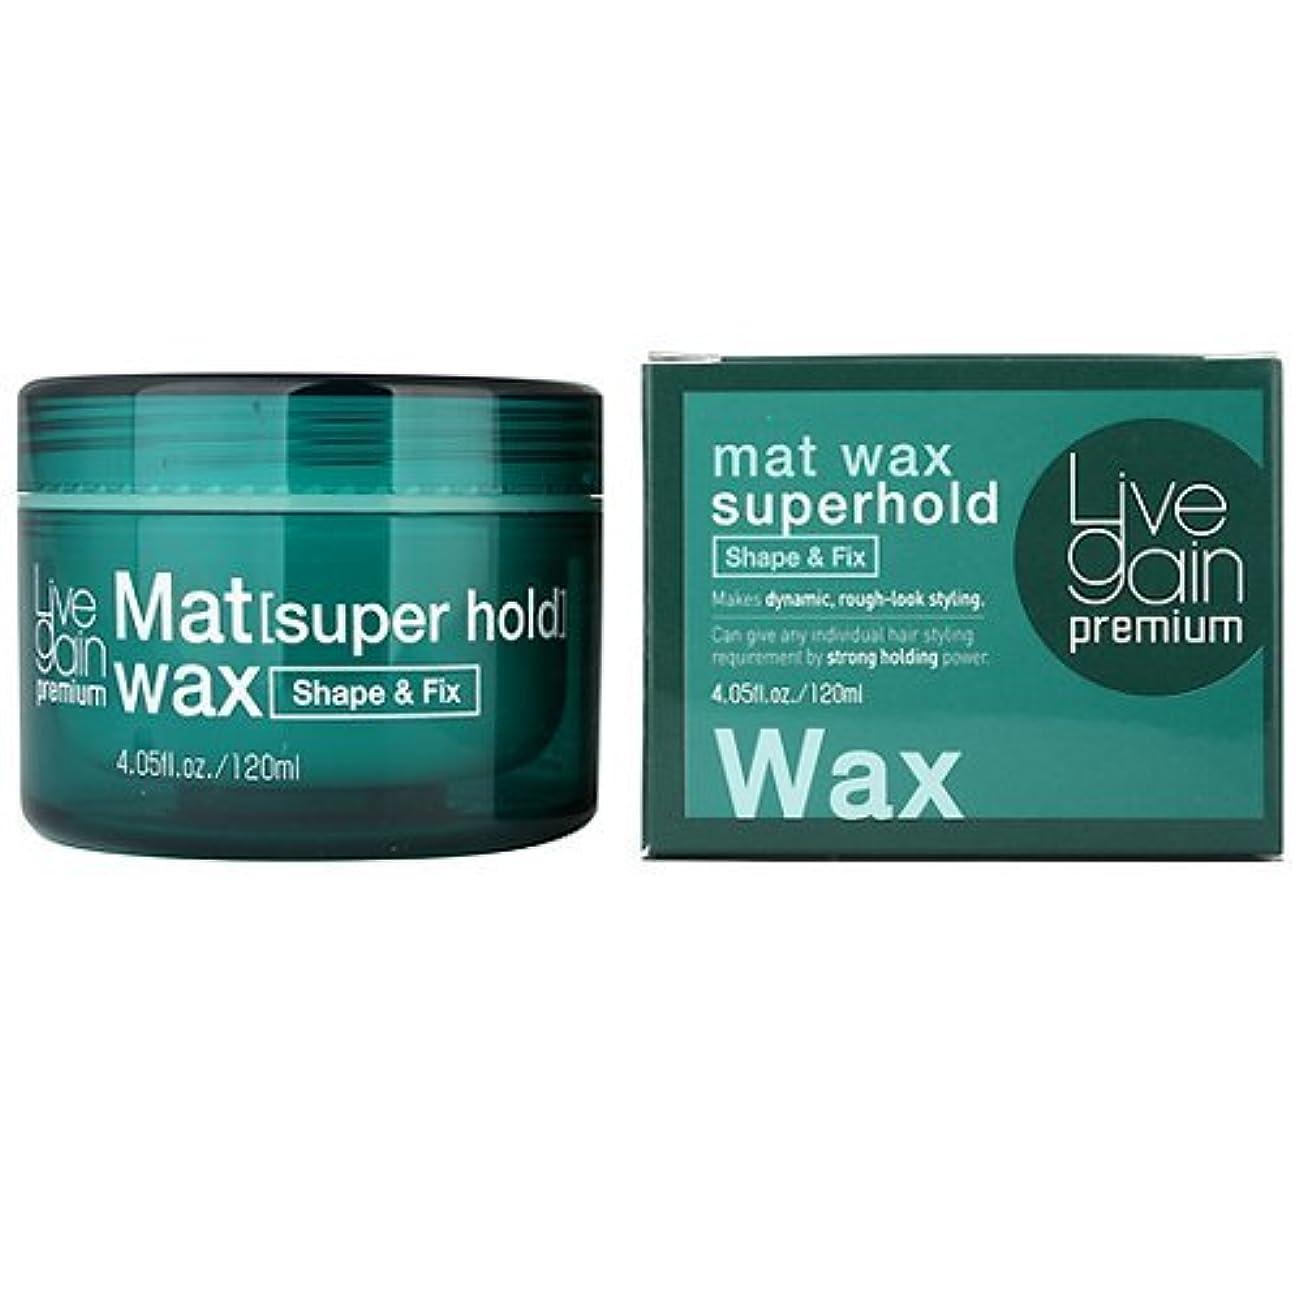 性交落ち着く十代Livegain プレミアム マット ワックス スーパーホールド 120ml マット ヘア ワックス ストロング ホールド (Premium Mat Wax Superhold 120ml Matte Hair wax Strong Hold ) [並行輸入品]